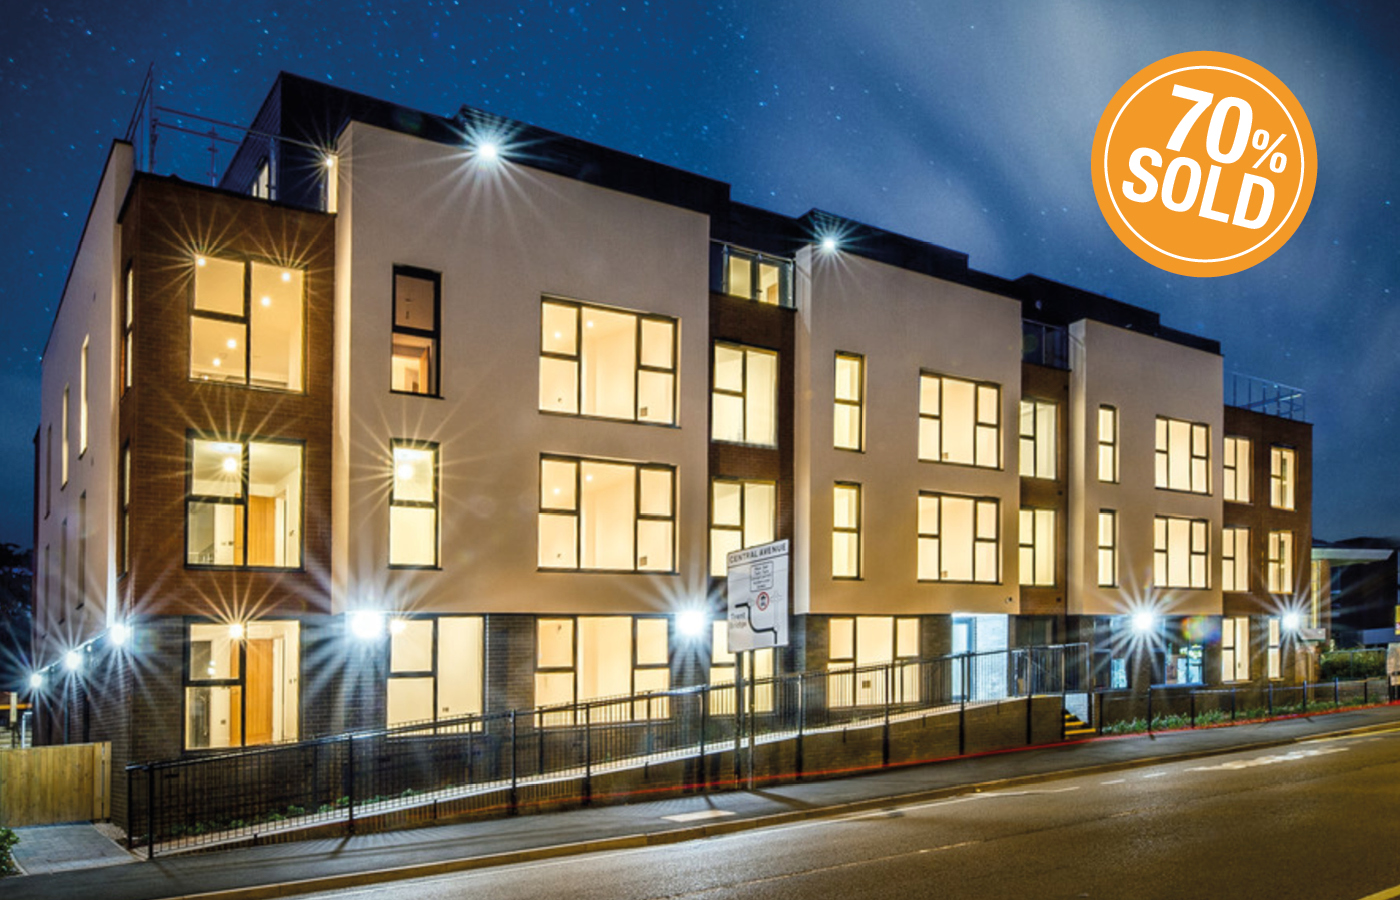 luxury apartments west bridgford nottingham (cgi image)